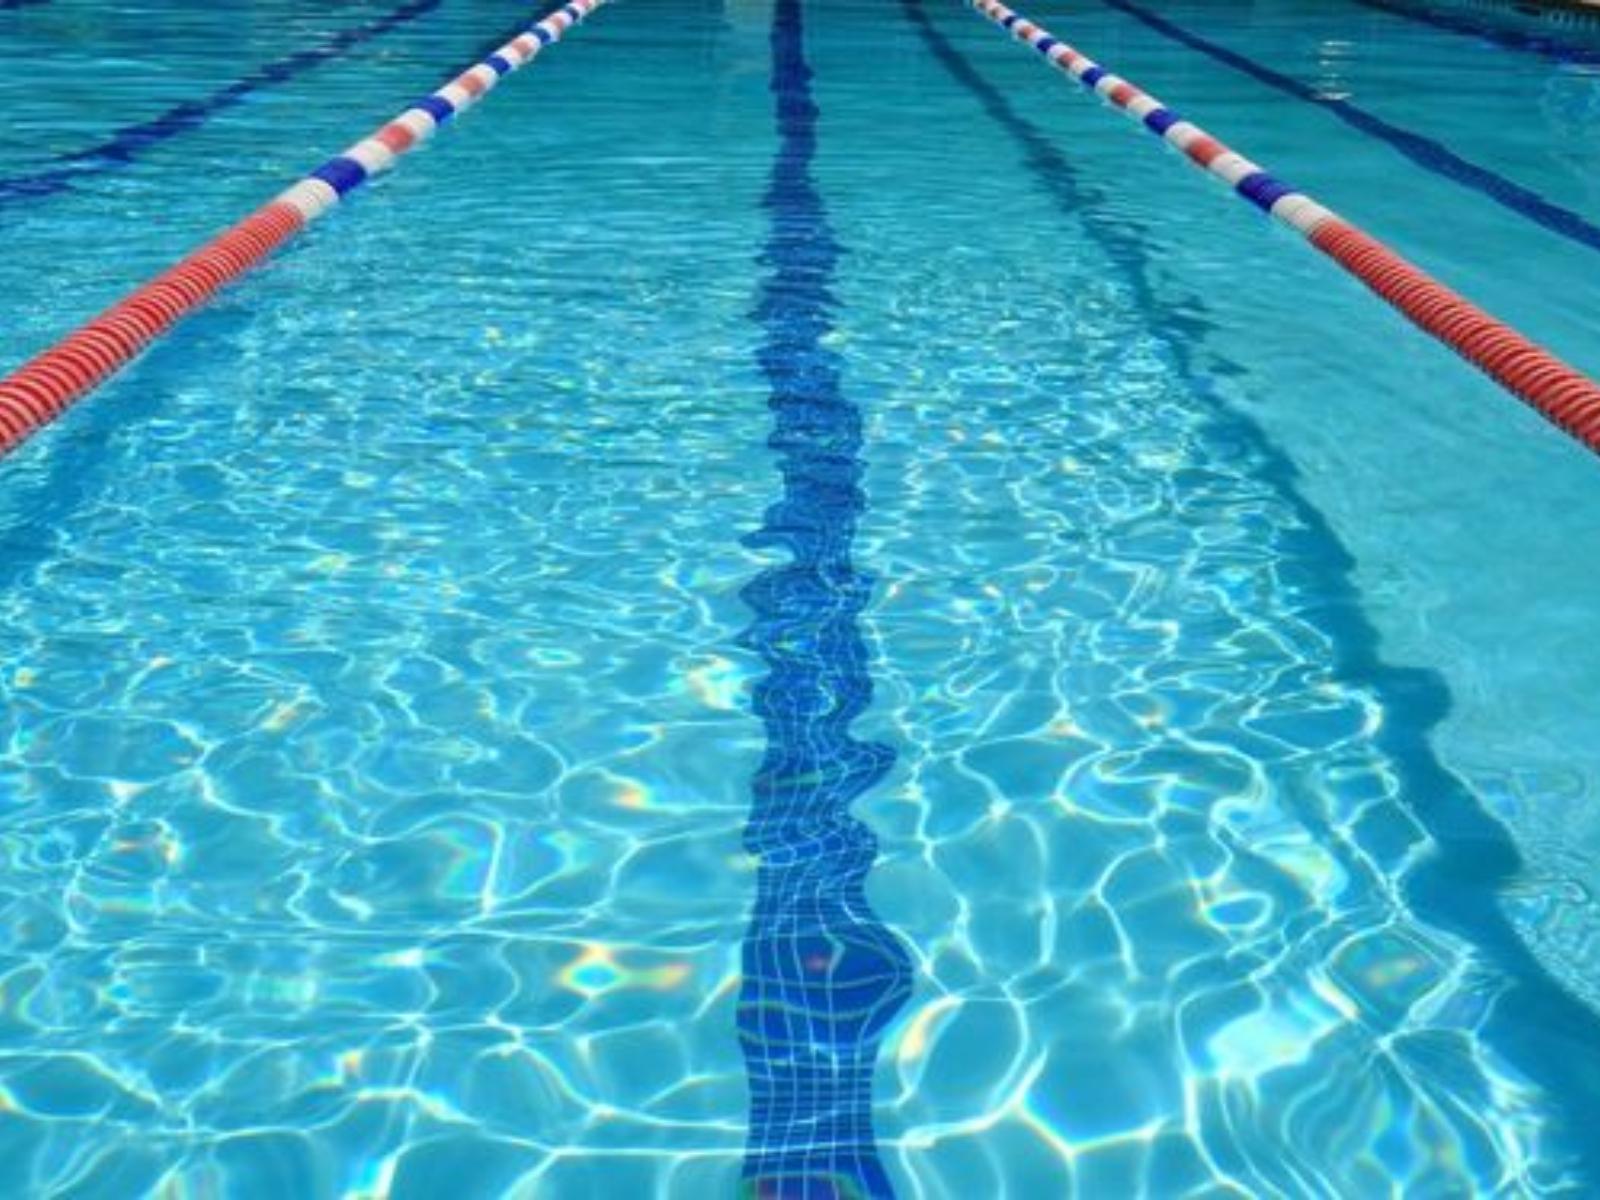 游泳真的是消脂首選嗎?想瘦身一定要選對游法!